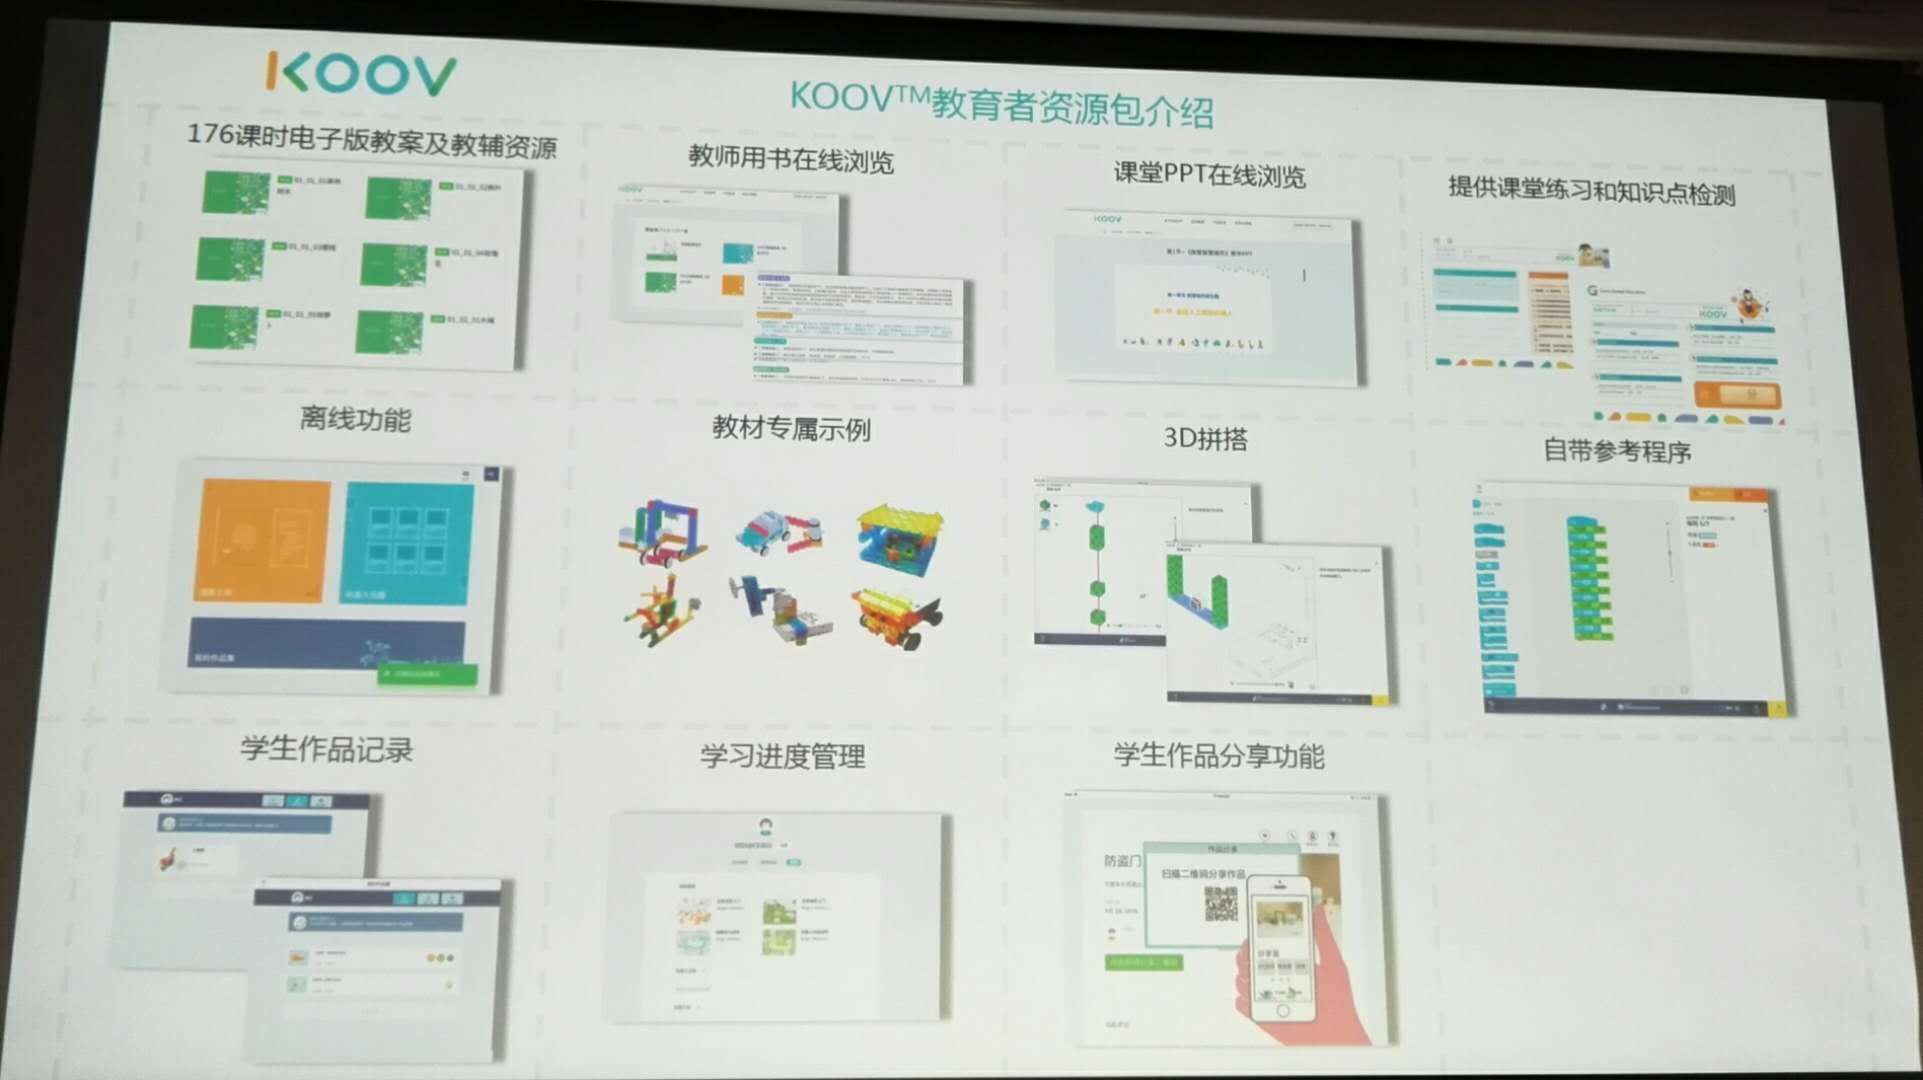 索尼进军少儿编程,联合北大发布计算思维编程教程及KOOV教育者资源包